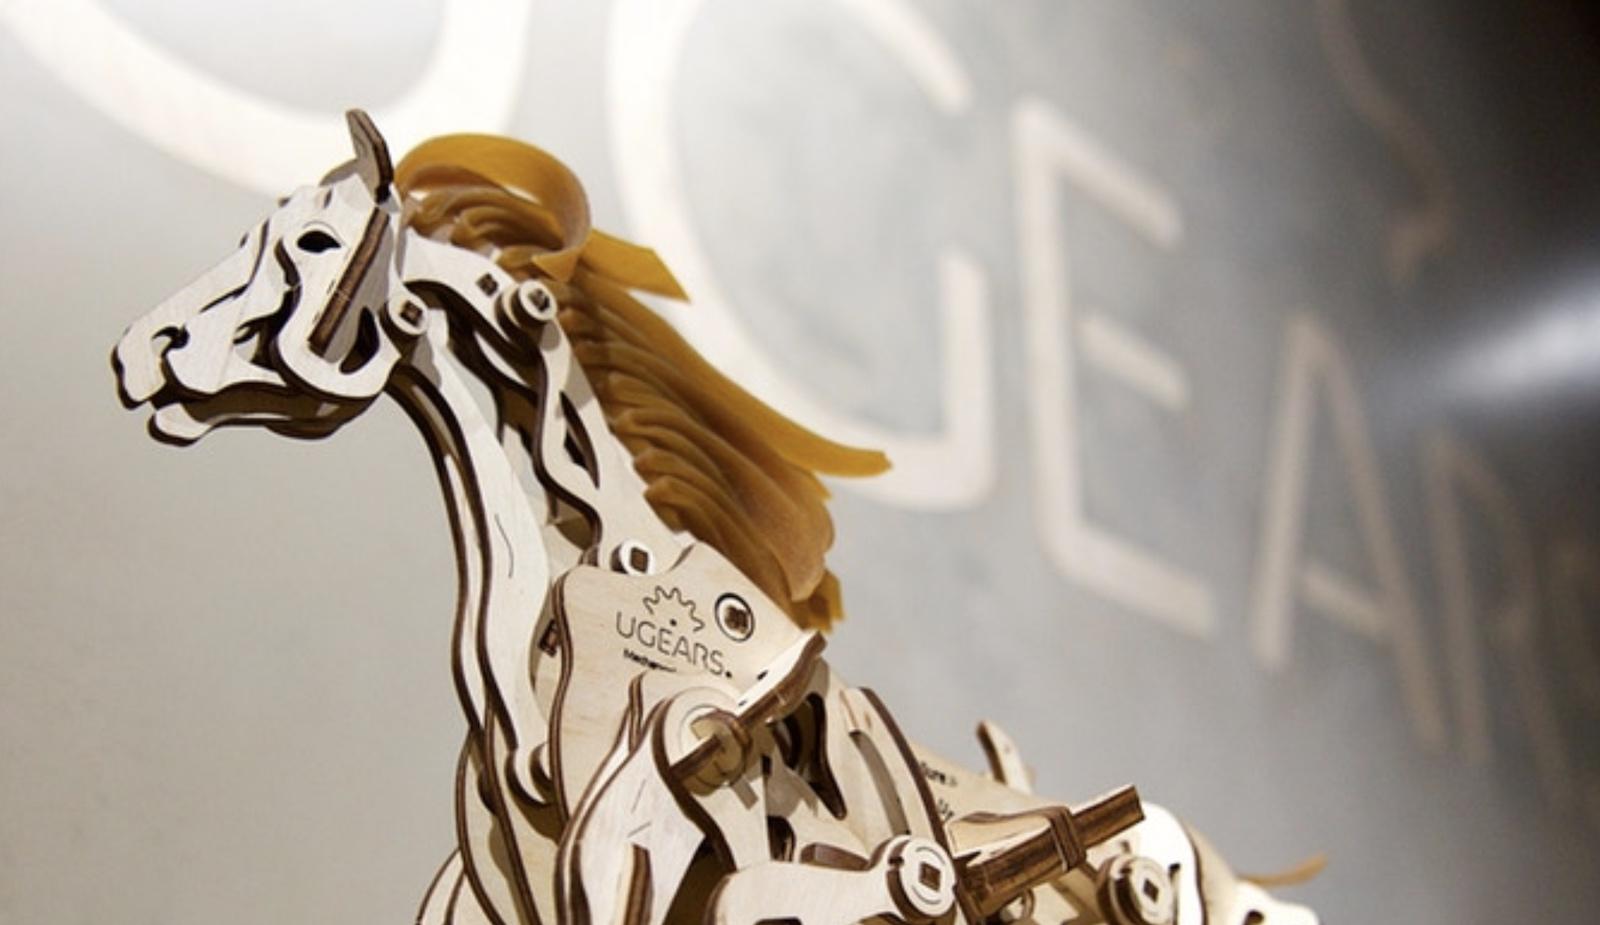 Українська компанія UGEARS зібрала $110 тис на Kickstarter